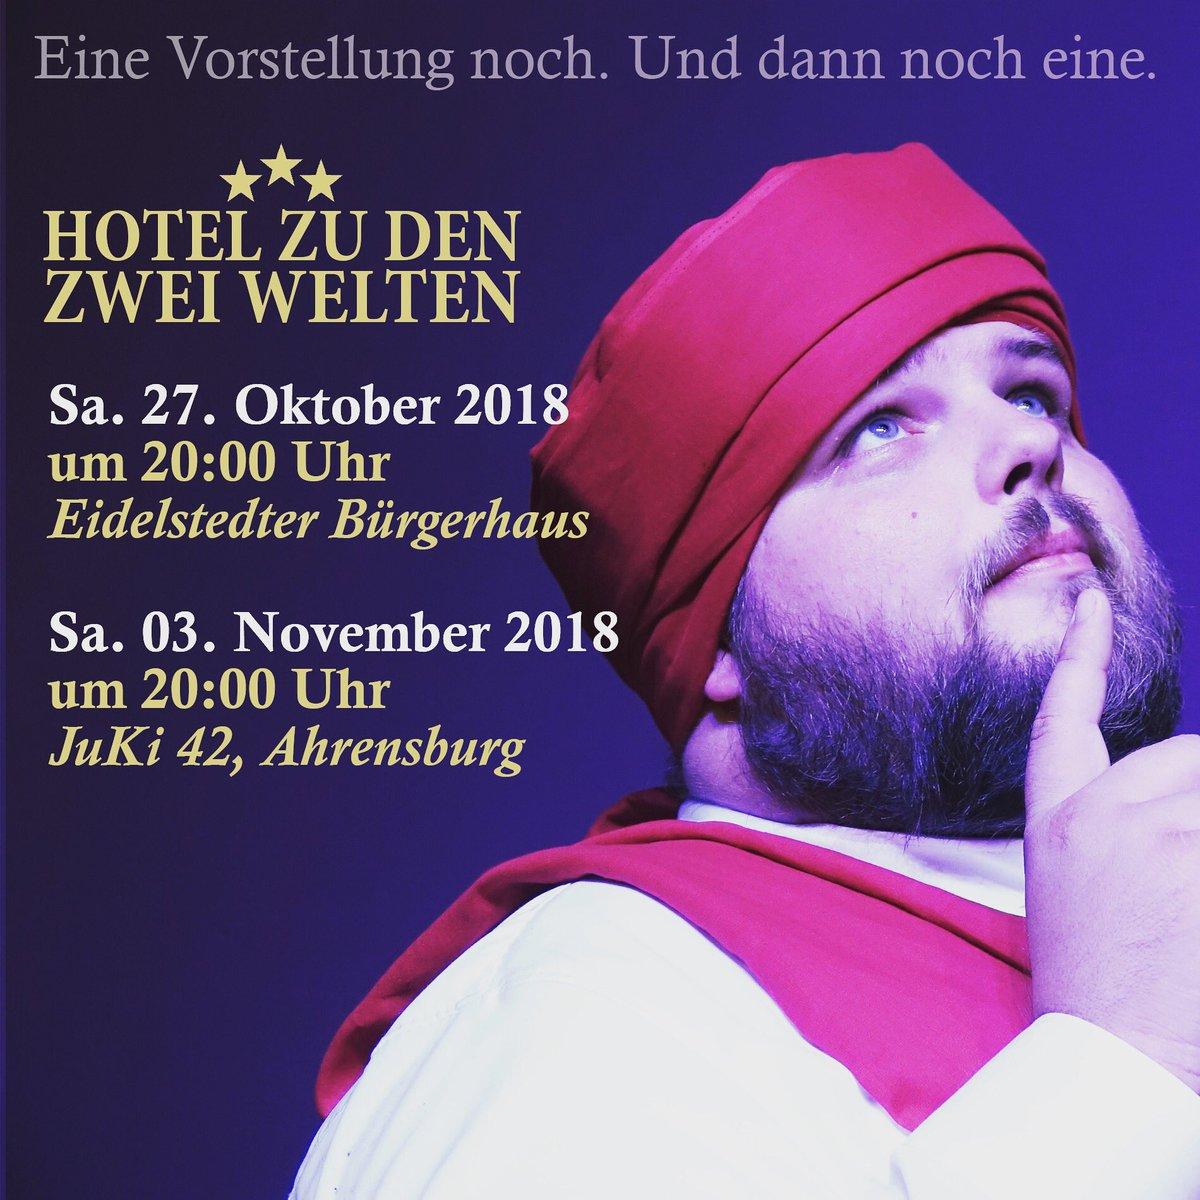 Unser Magier Radshapur hat nachgerechnet, wir haben noch zwei Vorstellungen in diesem Jahr. Und - kaum zu glauben - es gibt noch Karten. Auf gehts!  #theater #ahrensburg #eidelstedt #theatermimus #hotelzudenzweiwelten #esgibtnochkarten #schauspiel #hamburgpic.twitter.com/F3hp0k3Z7J